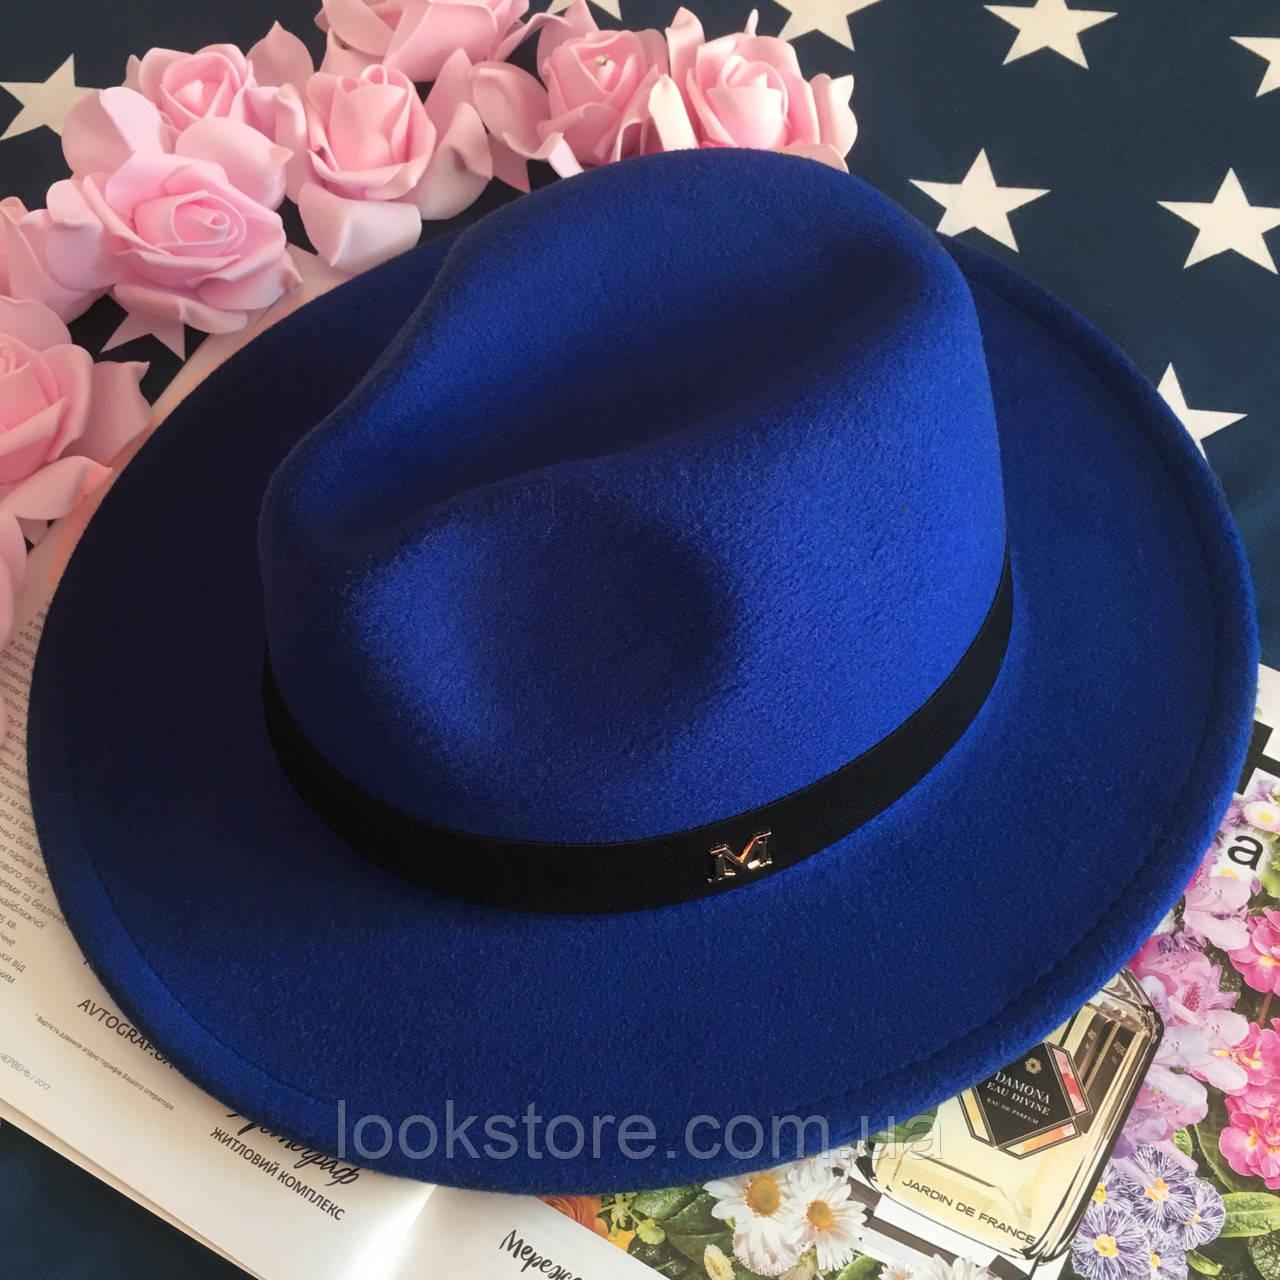 Шляпа Федора унисекс с устойчивыми полями в стиле Maison Michel синяя (электрик)